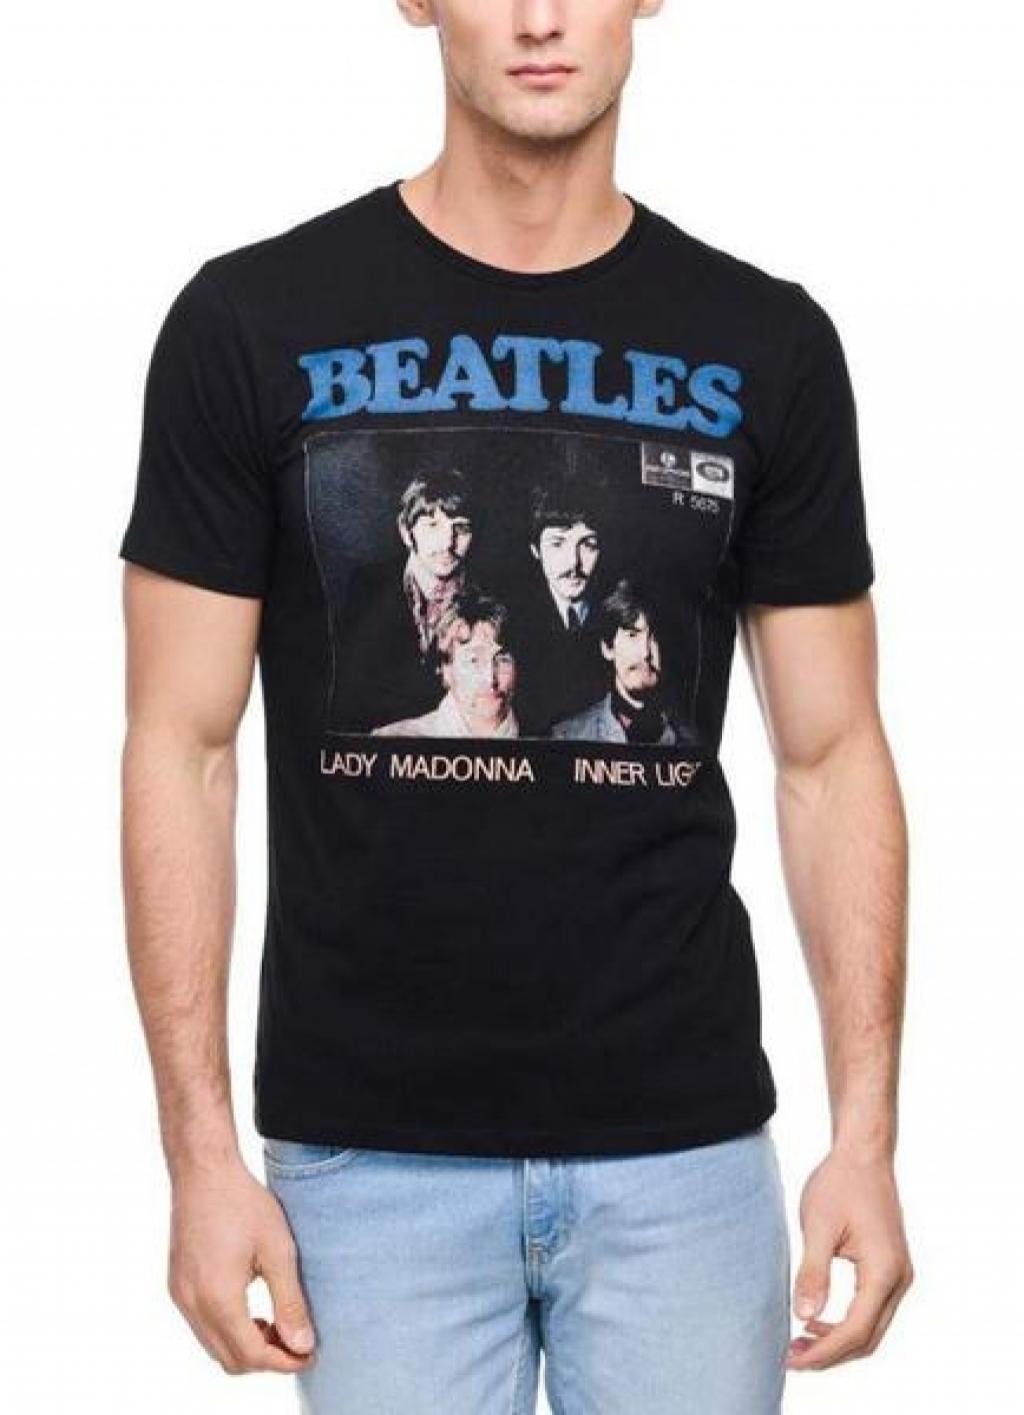 14993407990_Affordable_The_Beatles_Inner_Light_Black_Half_Sleeve_Men_T-Shirt.jpg